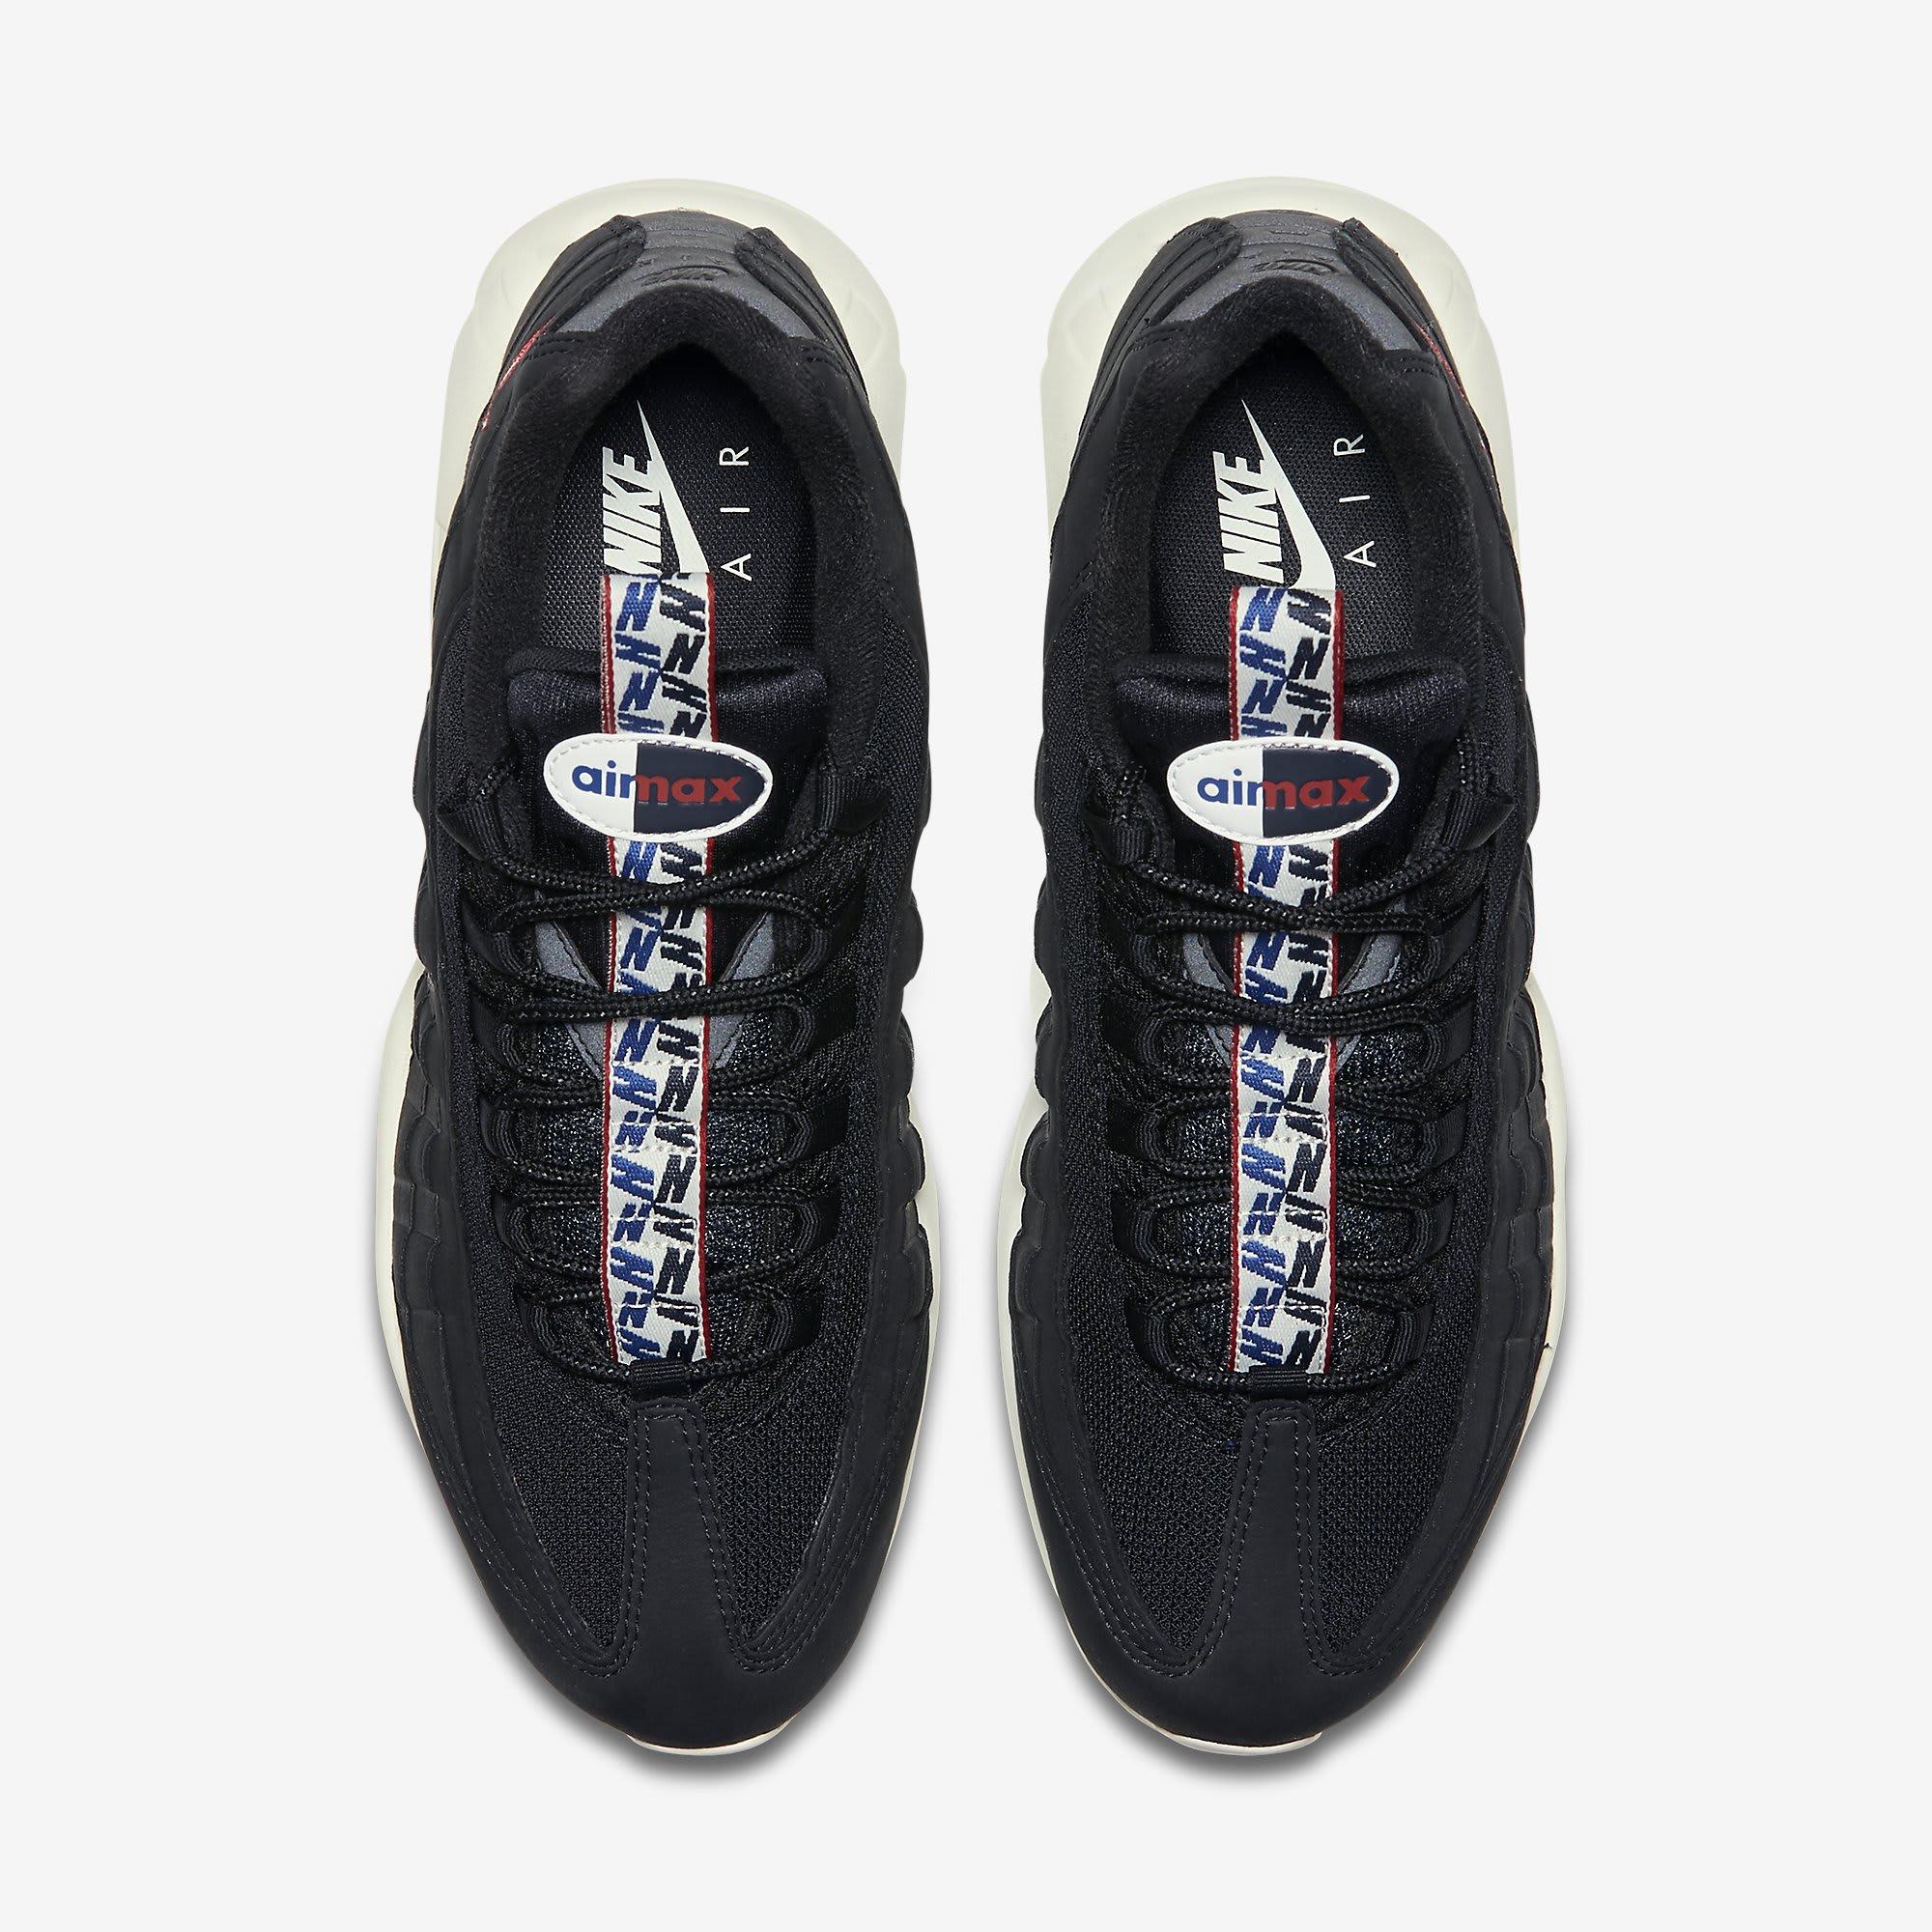 Nike Air Max 95 Pull Tab AJ1844-002 (Top)